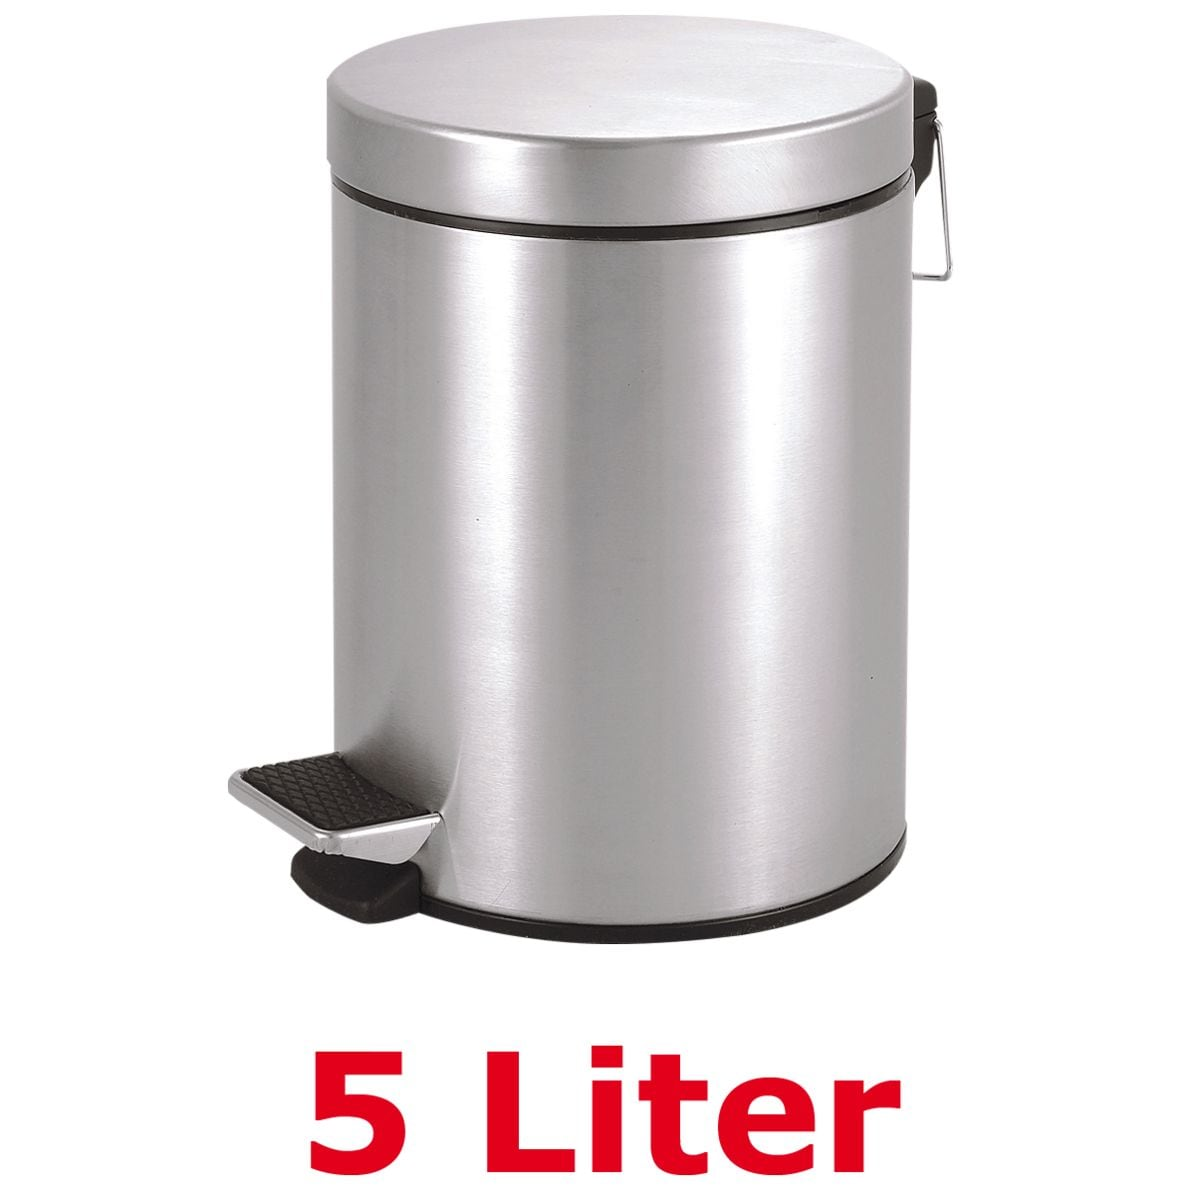 Kosmetikeimer 5 Liter matt